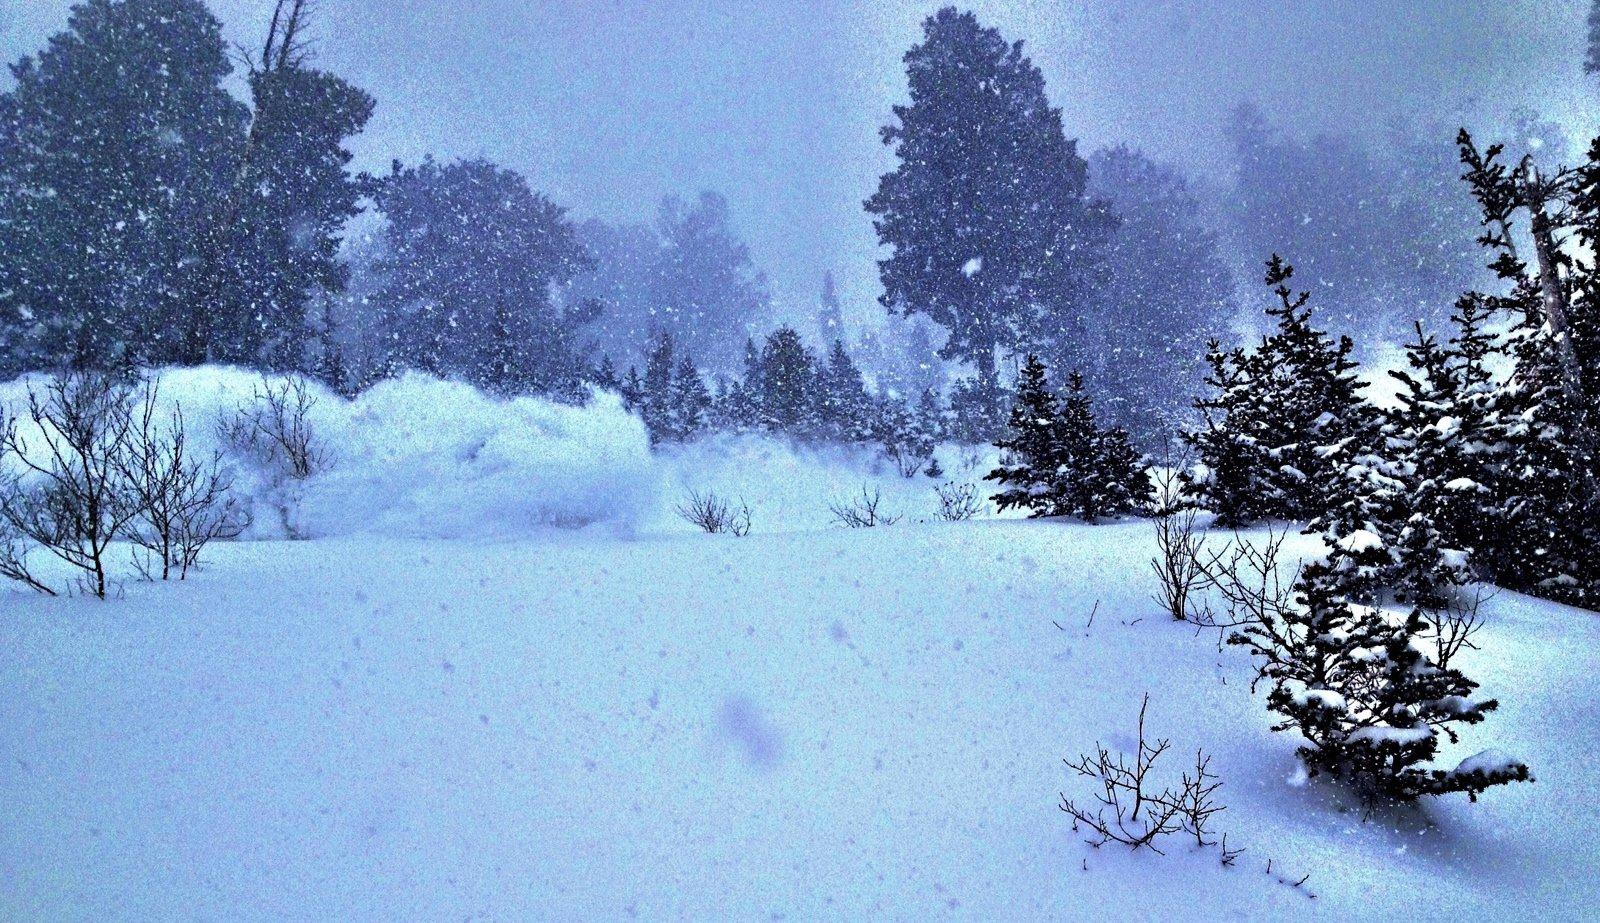 Snowsnake slashing